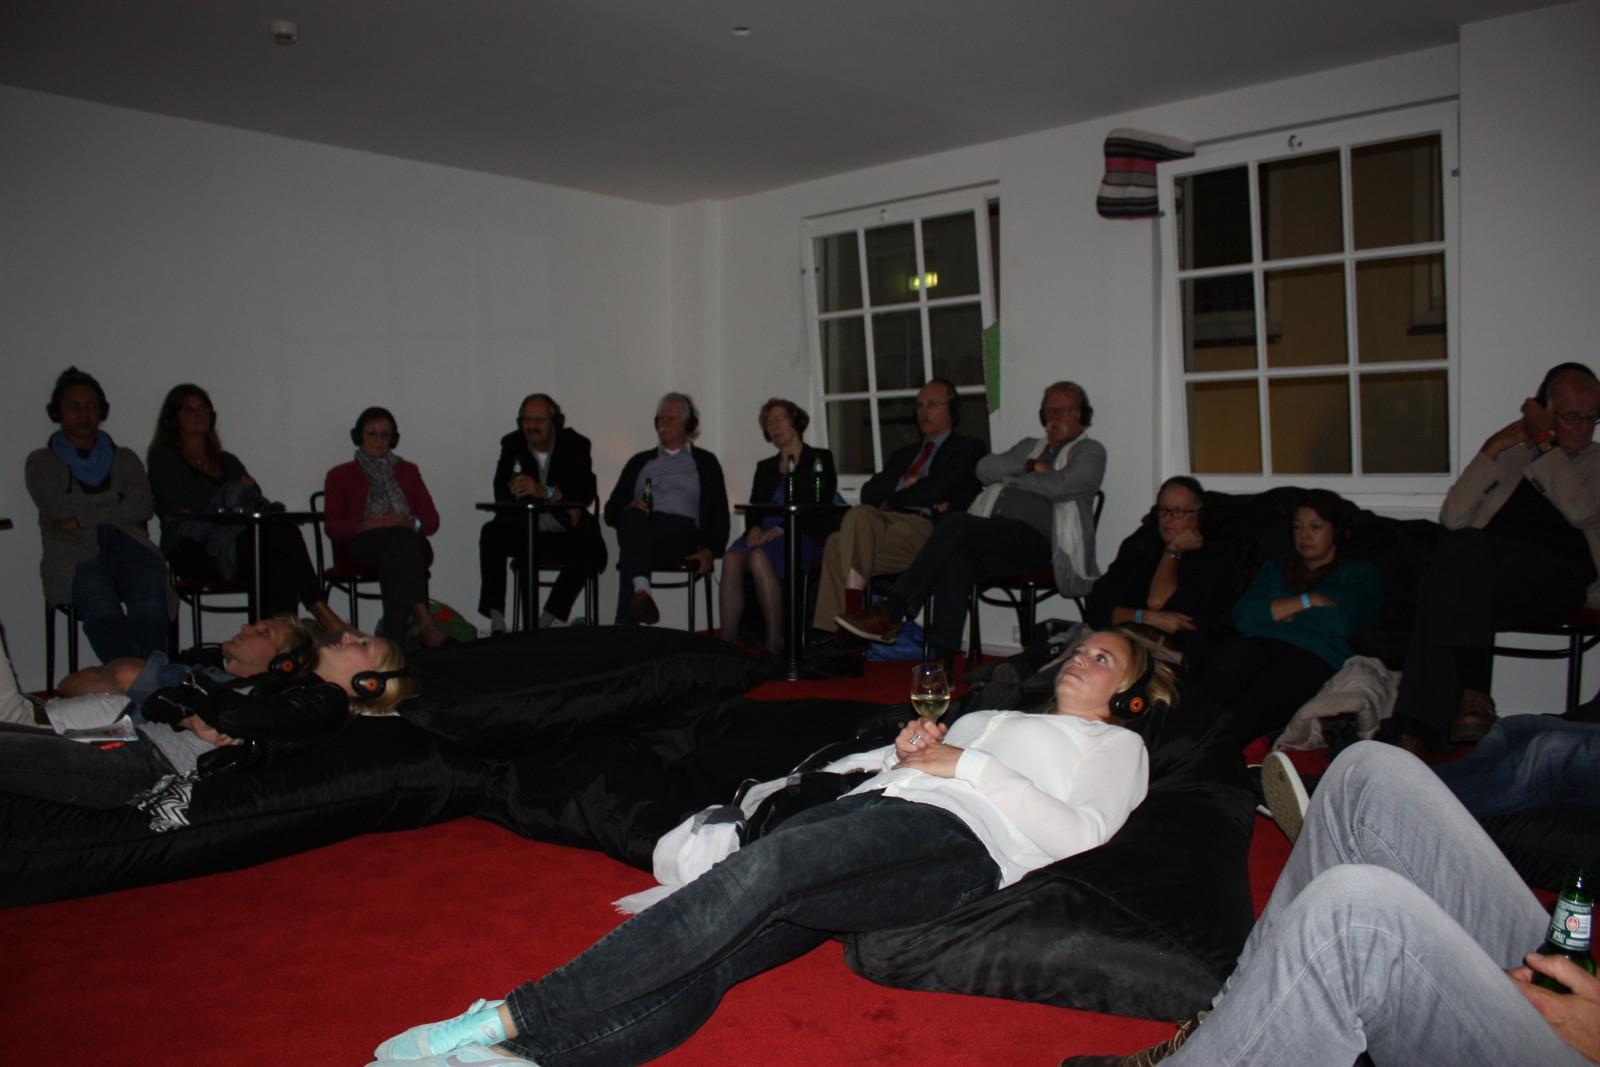 Podcasttheater Nacht van kunst en kennis